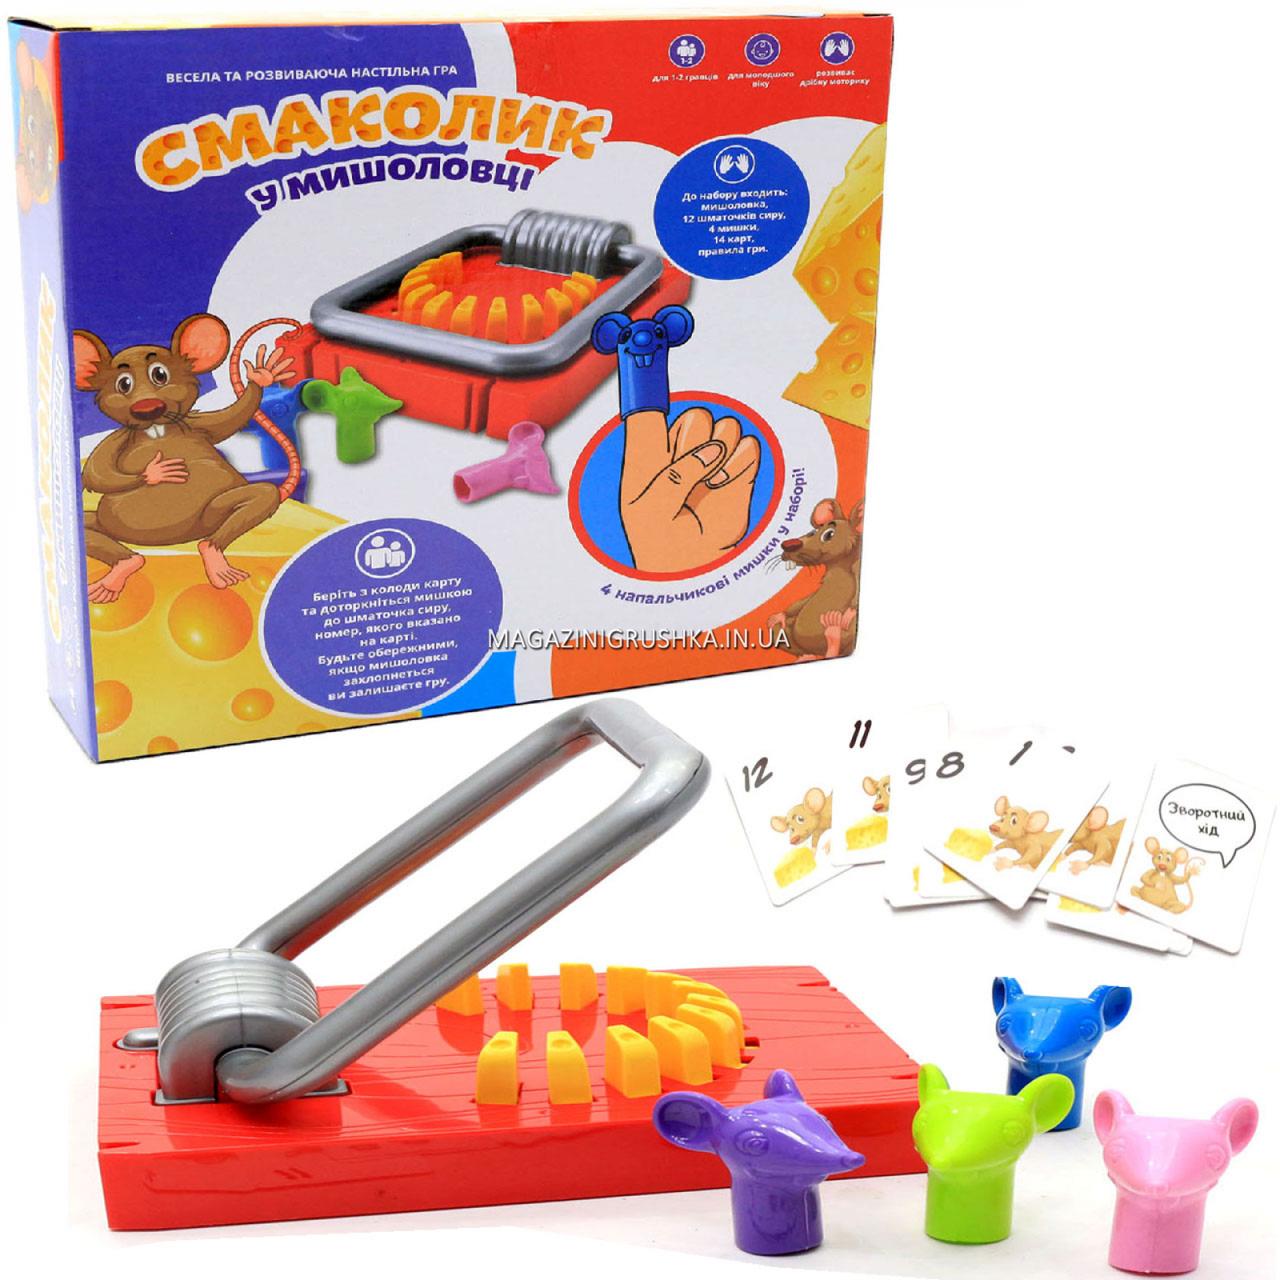 Настольная игра Fun Game «Смаколик в мишоловці» (Вкусняшка в мышеловке) UKВ-В0003